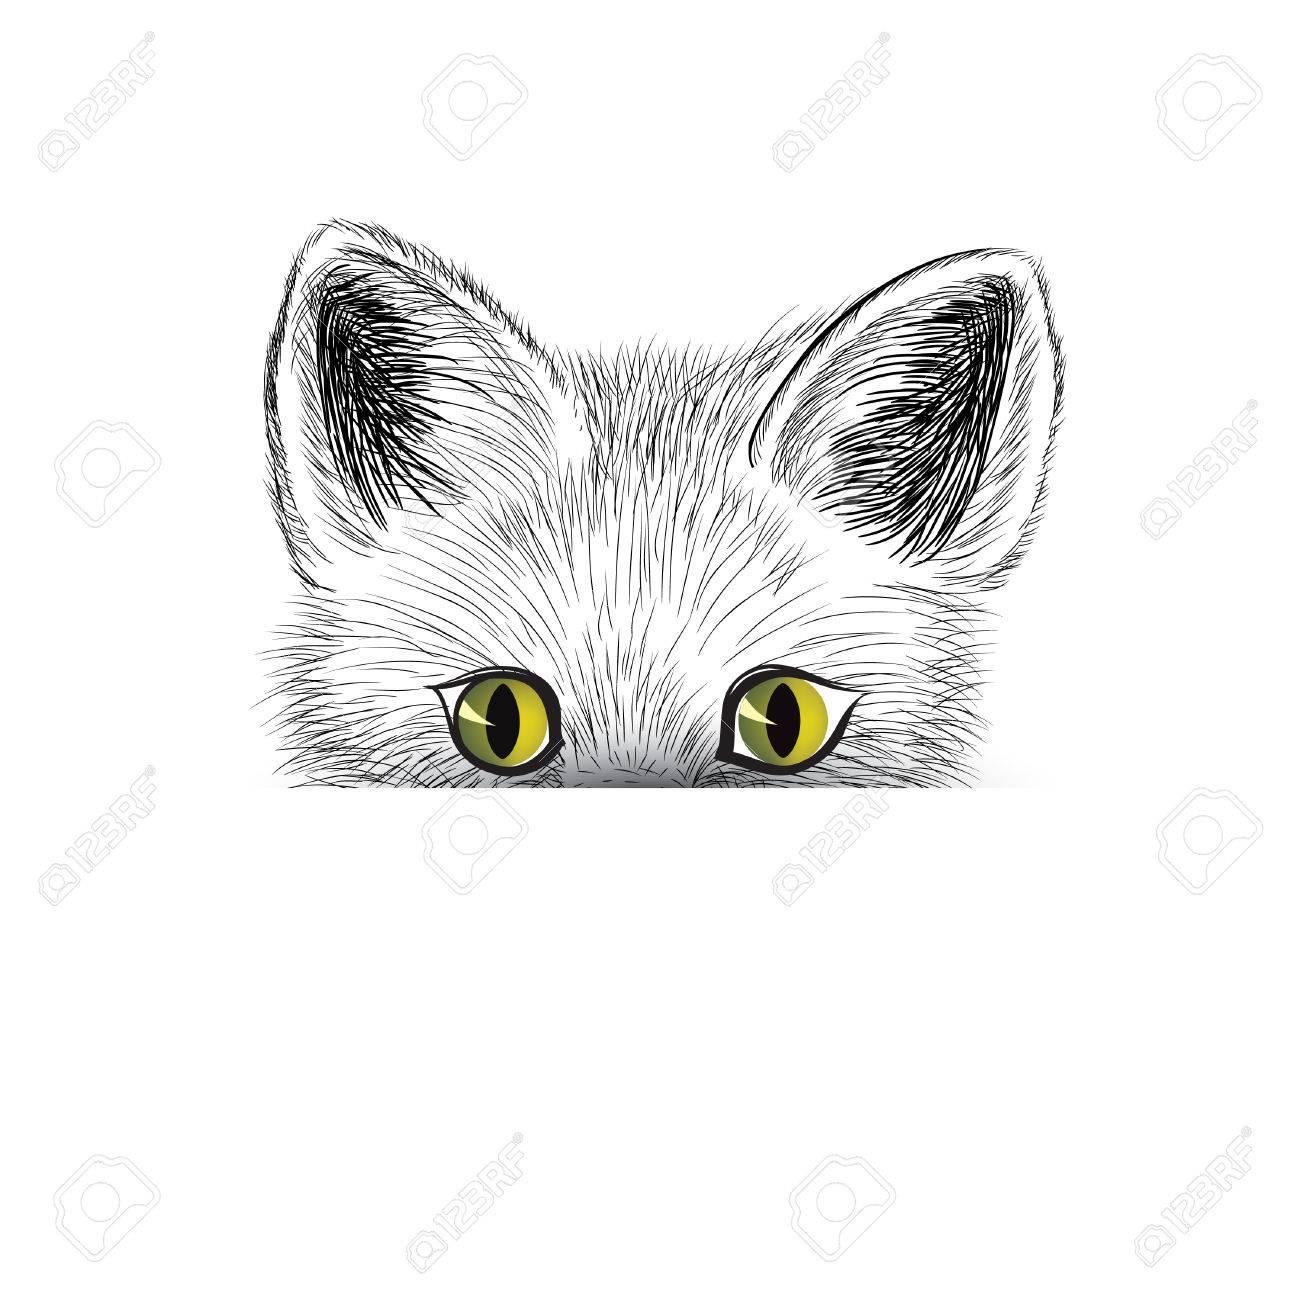 猫子猫の顔のスケッチ分離された猫猫頭のアイコンのカメラ目線し